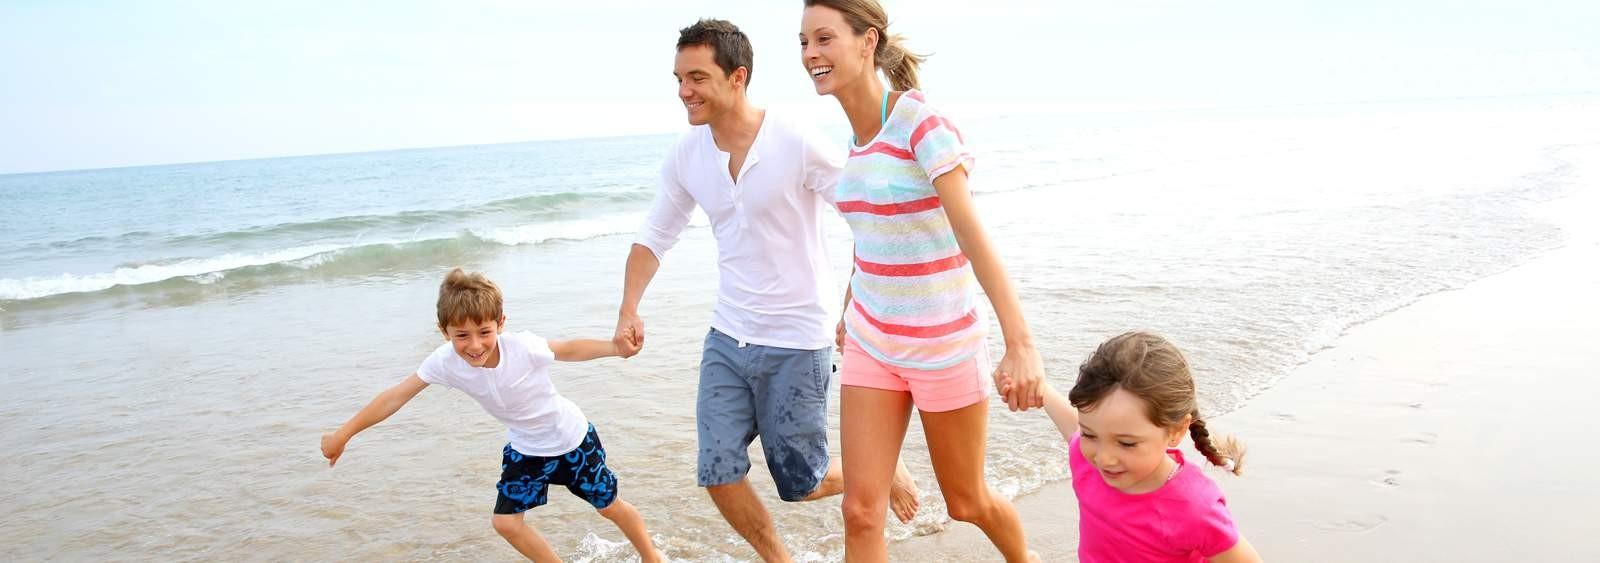 Vacanze in Famiglia da ricordare